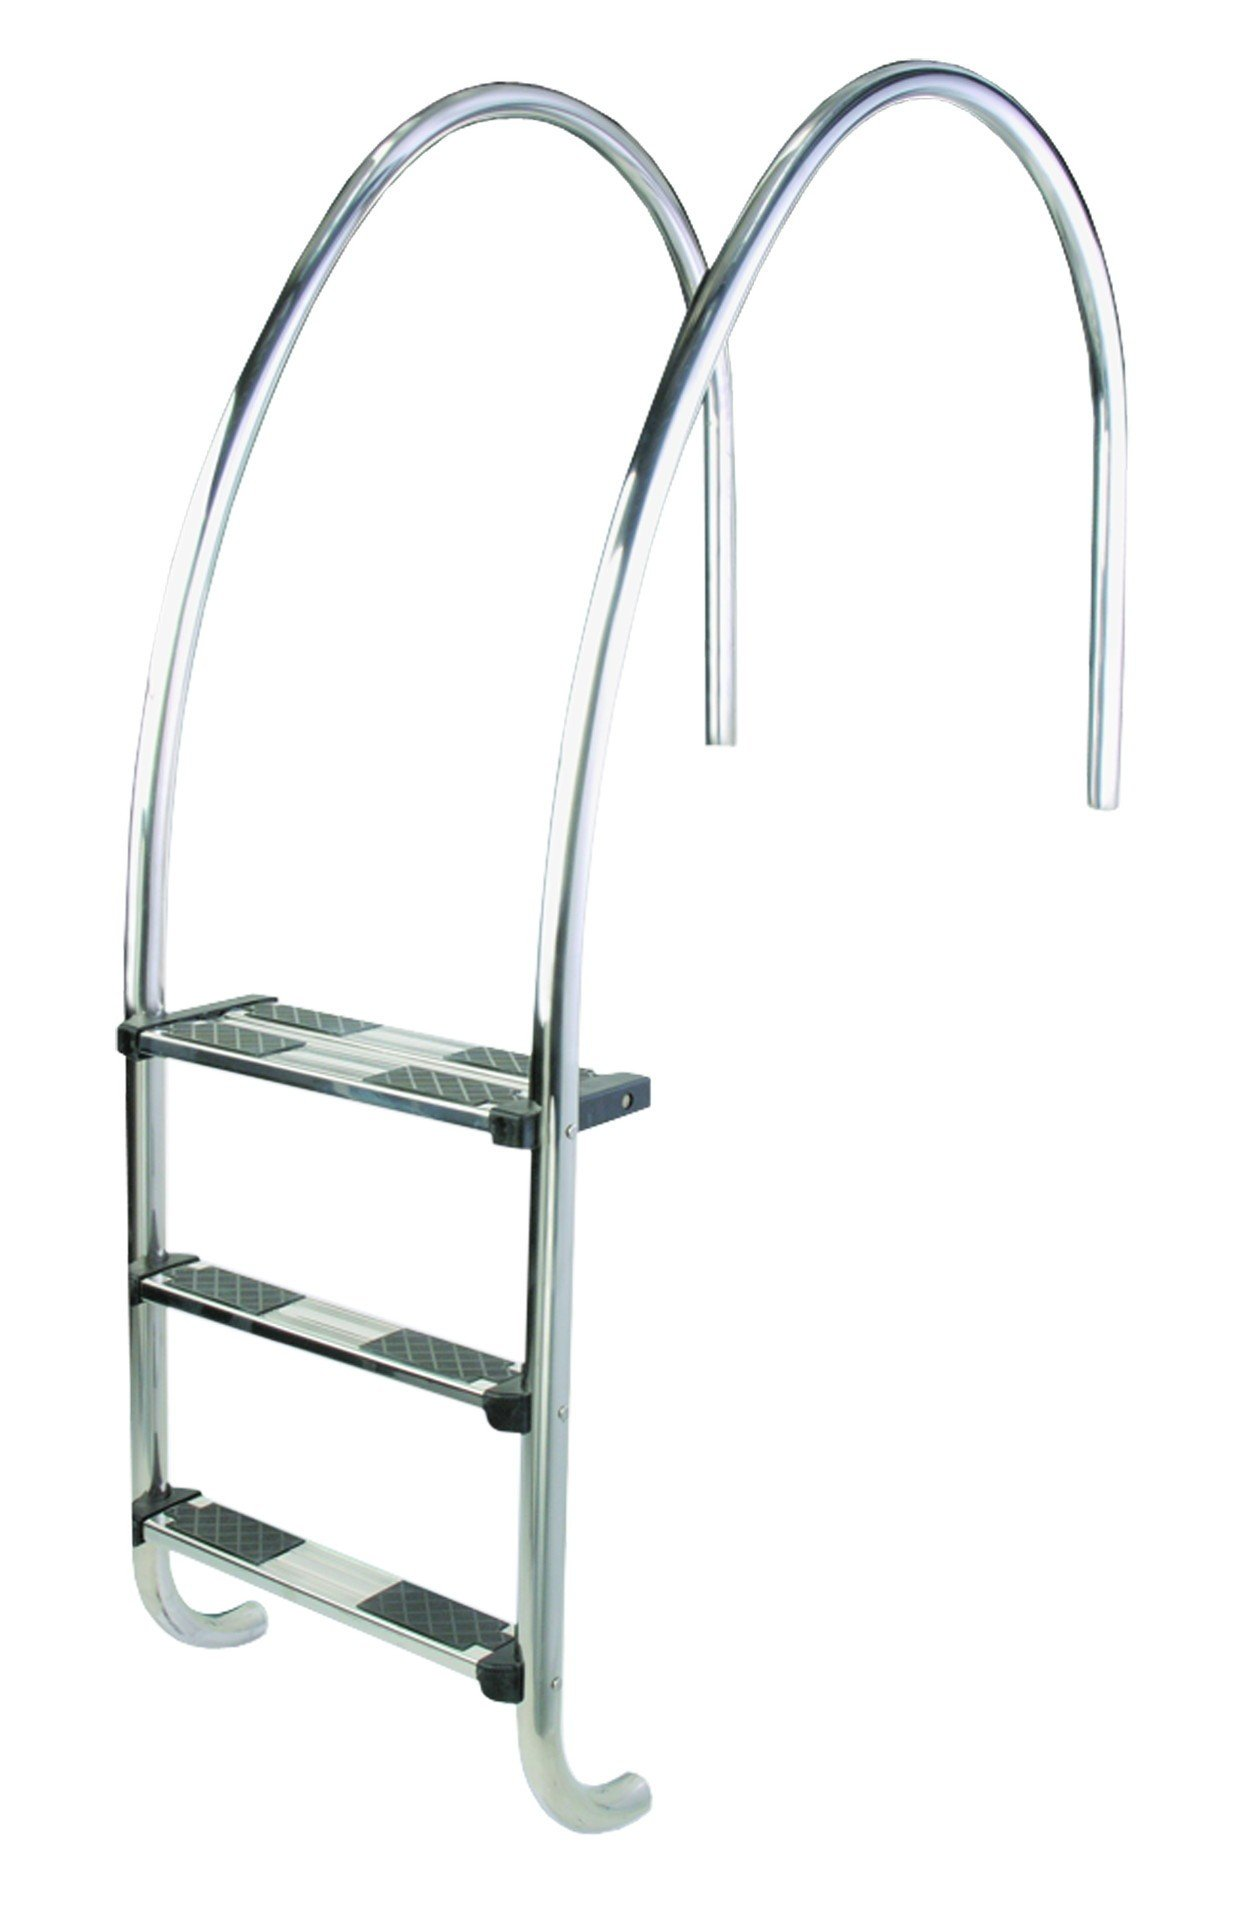 Escalera para piscina con rebosadero de 4 peldaños AstralPool